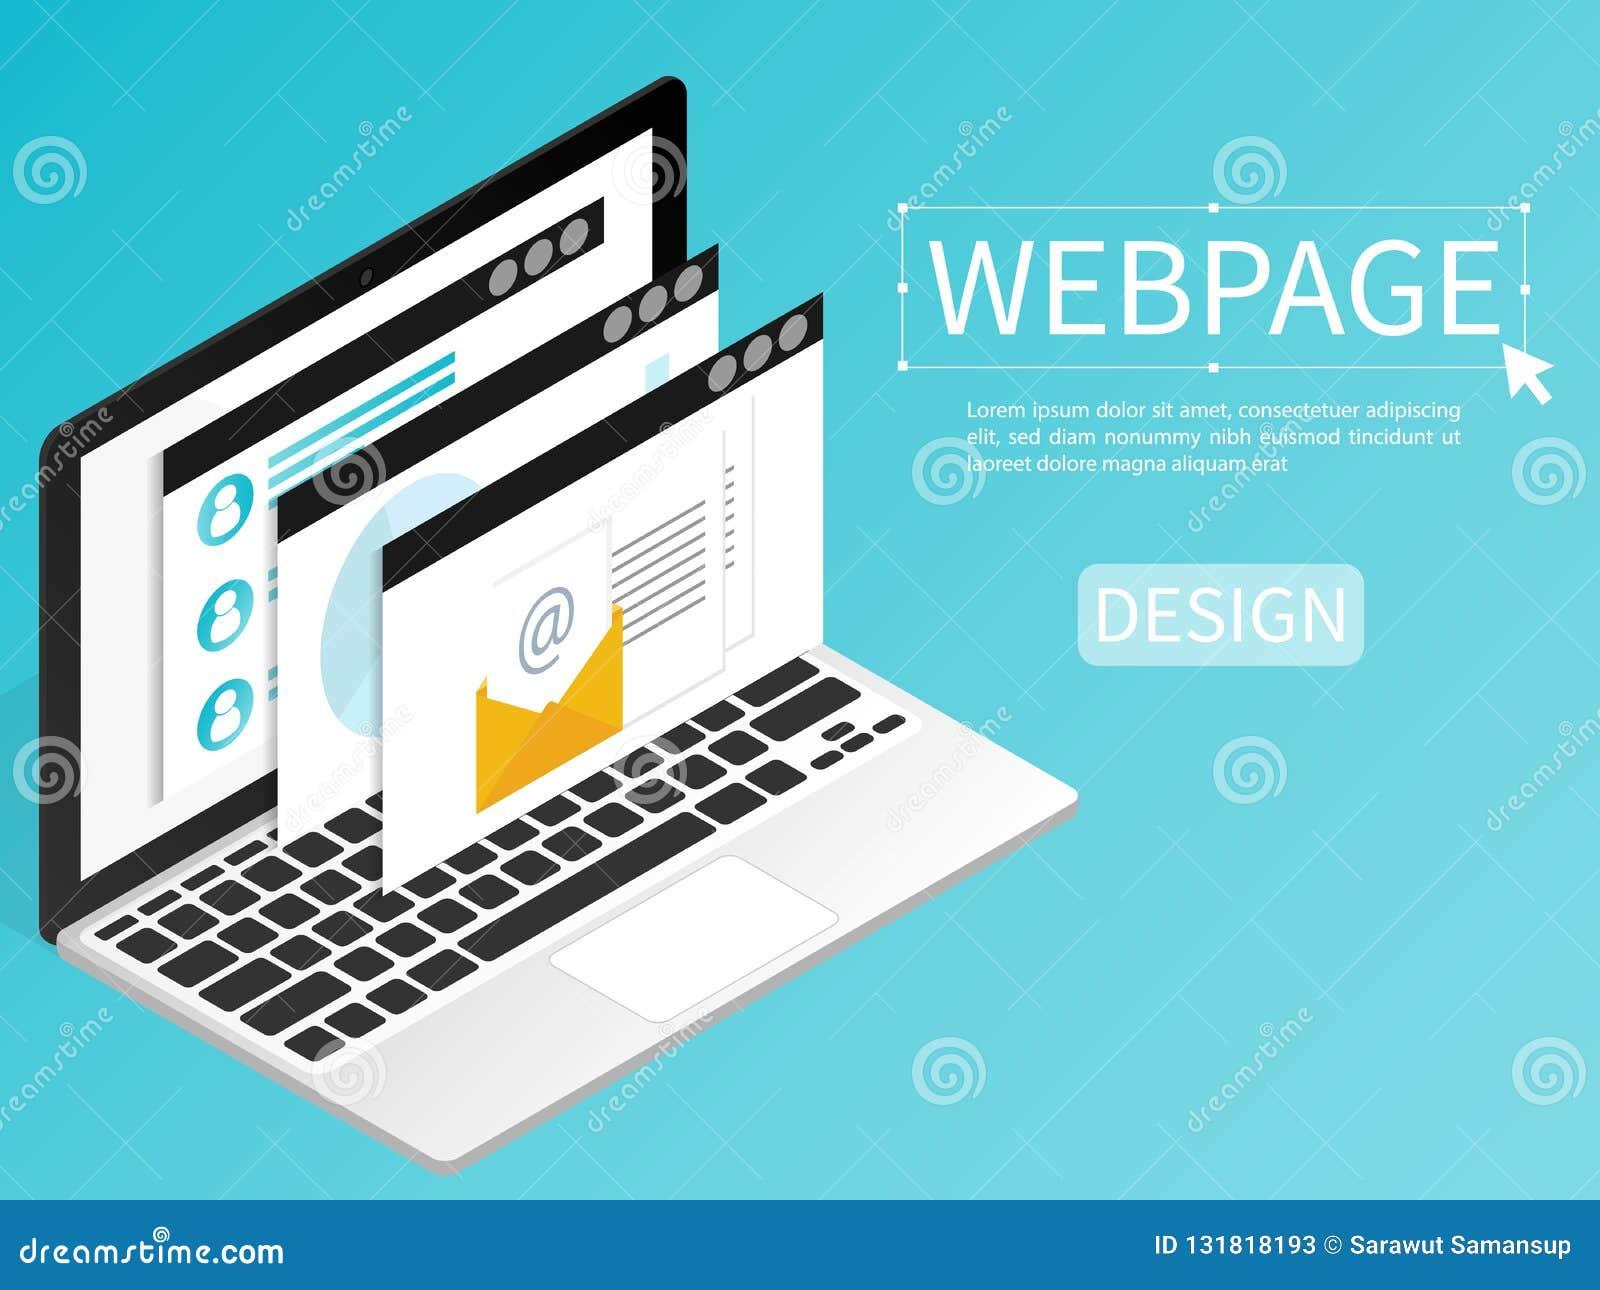 Tworzy strony internetowej webpage projekta komputerowego isometric płaskiego wektor